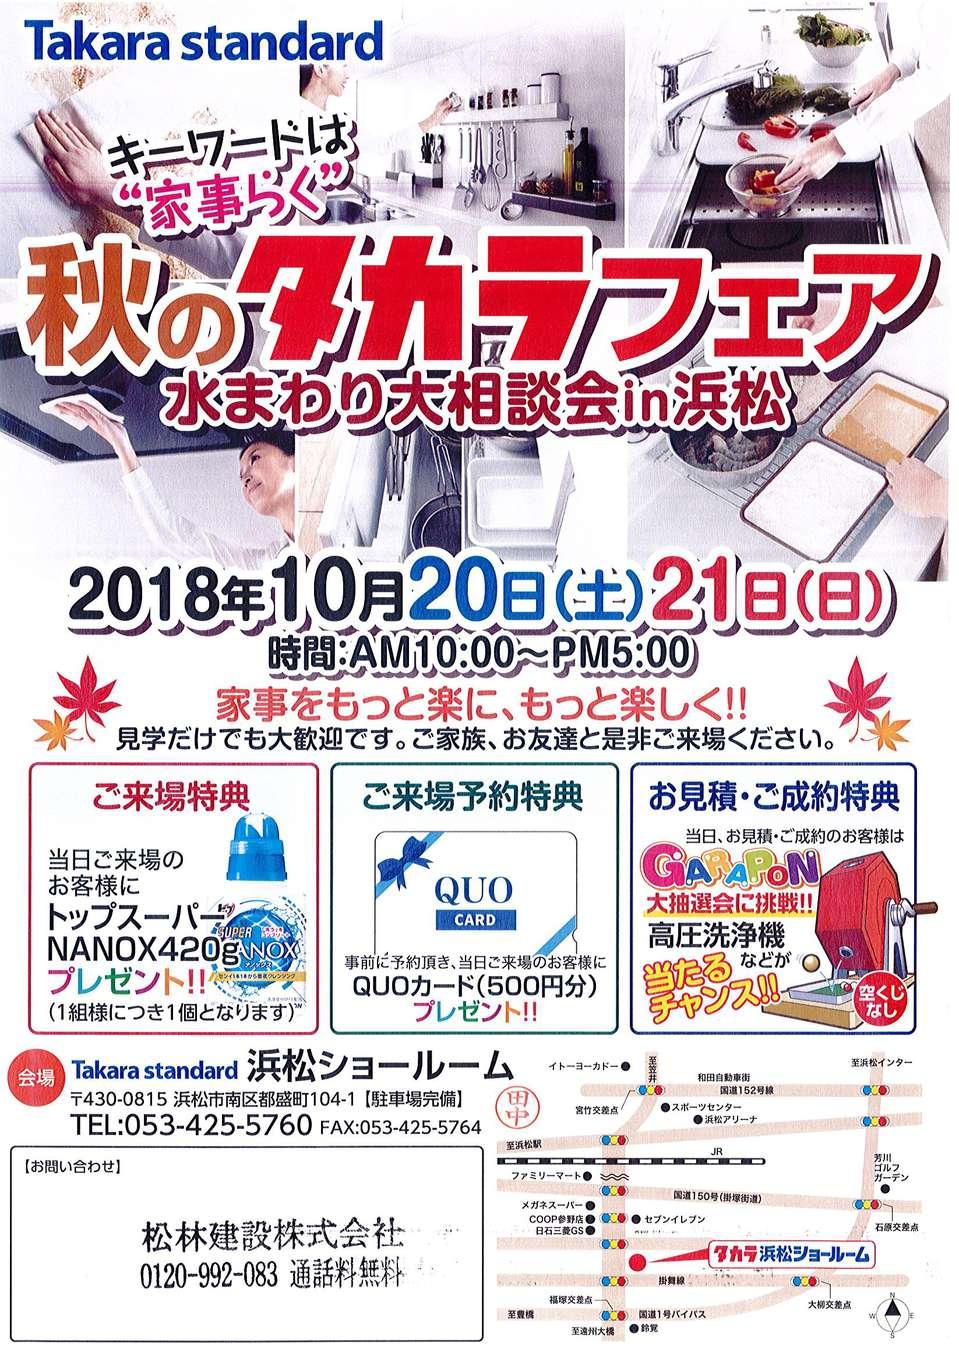 takara2018f (1).jpg